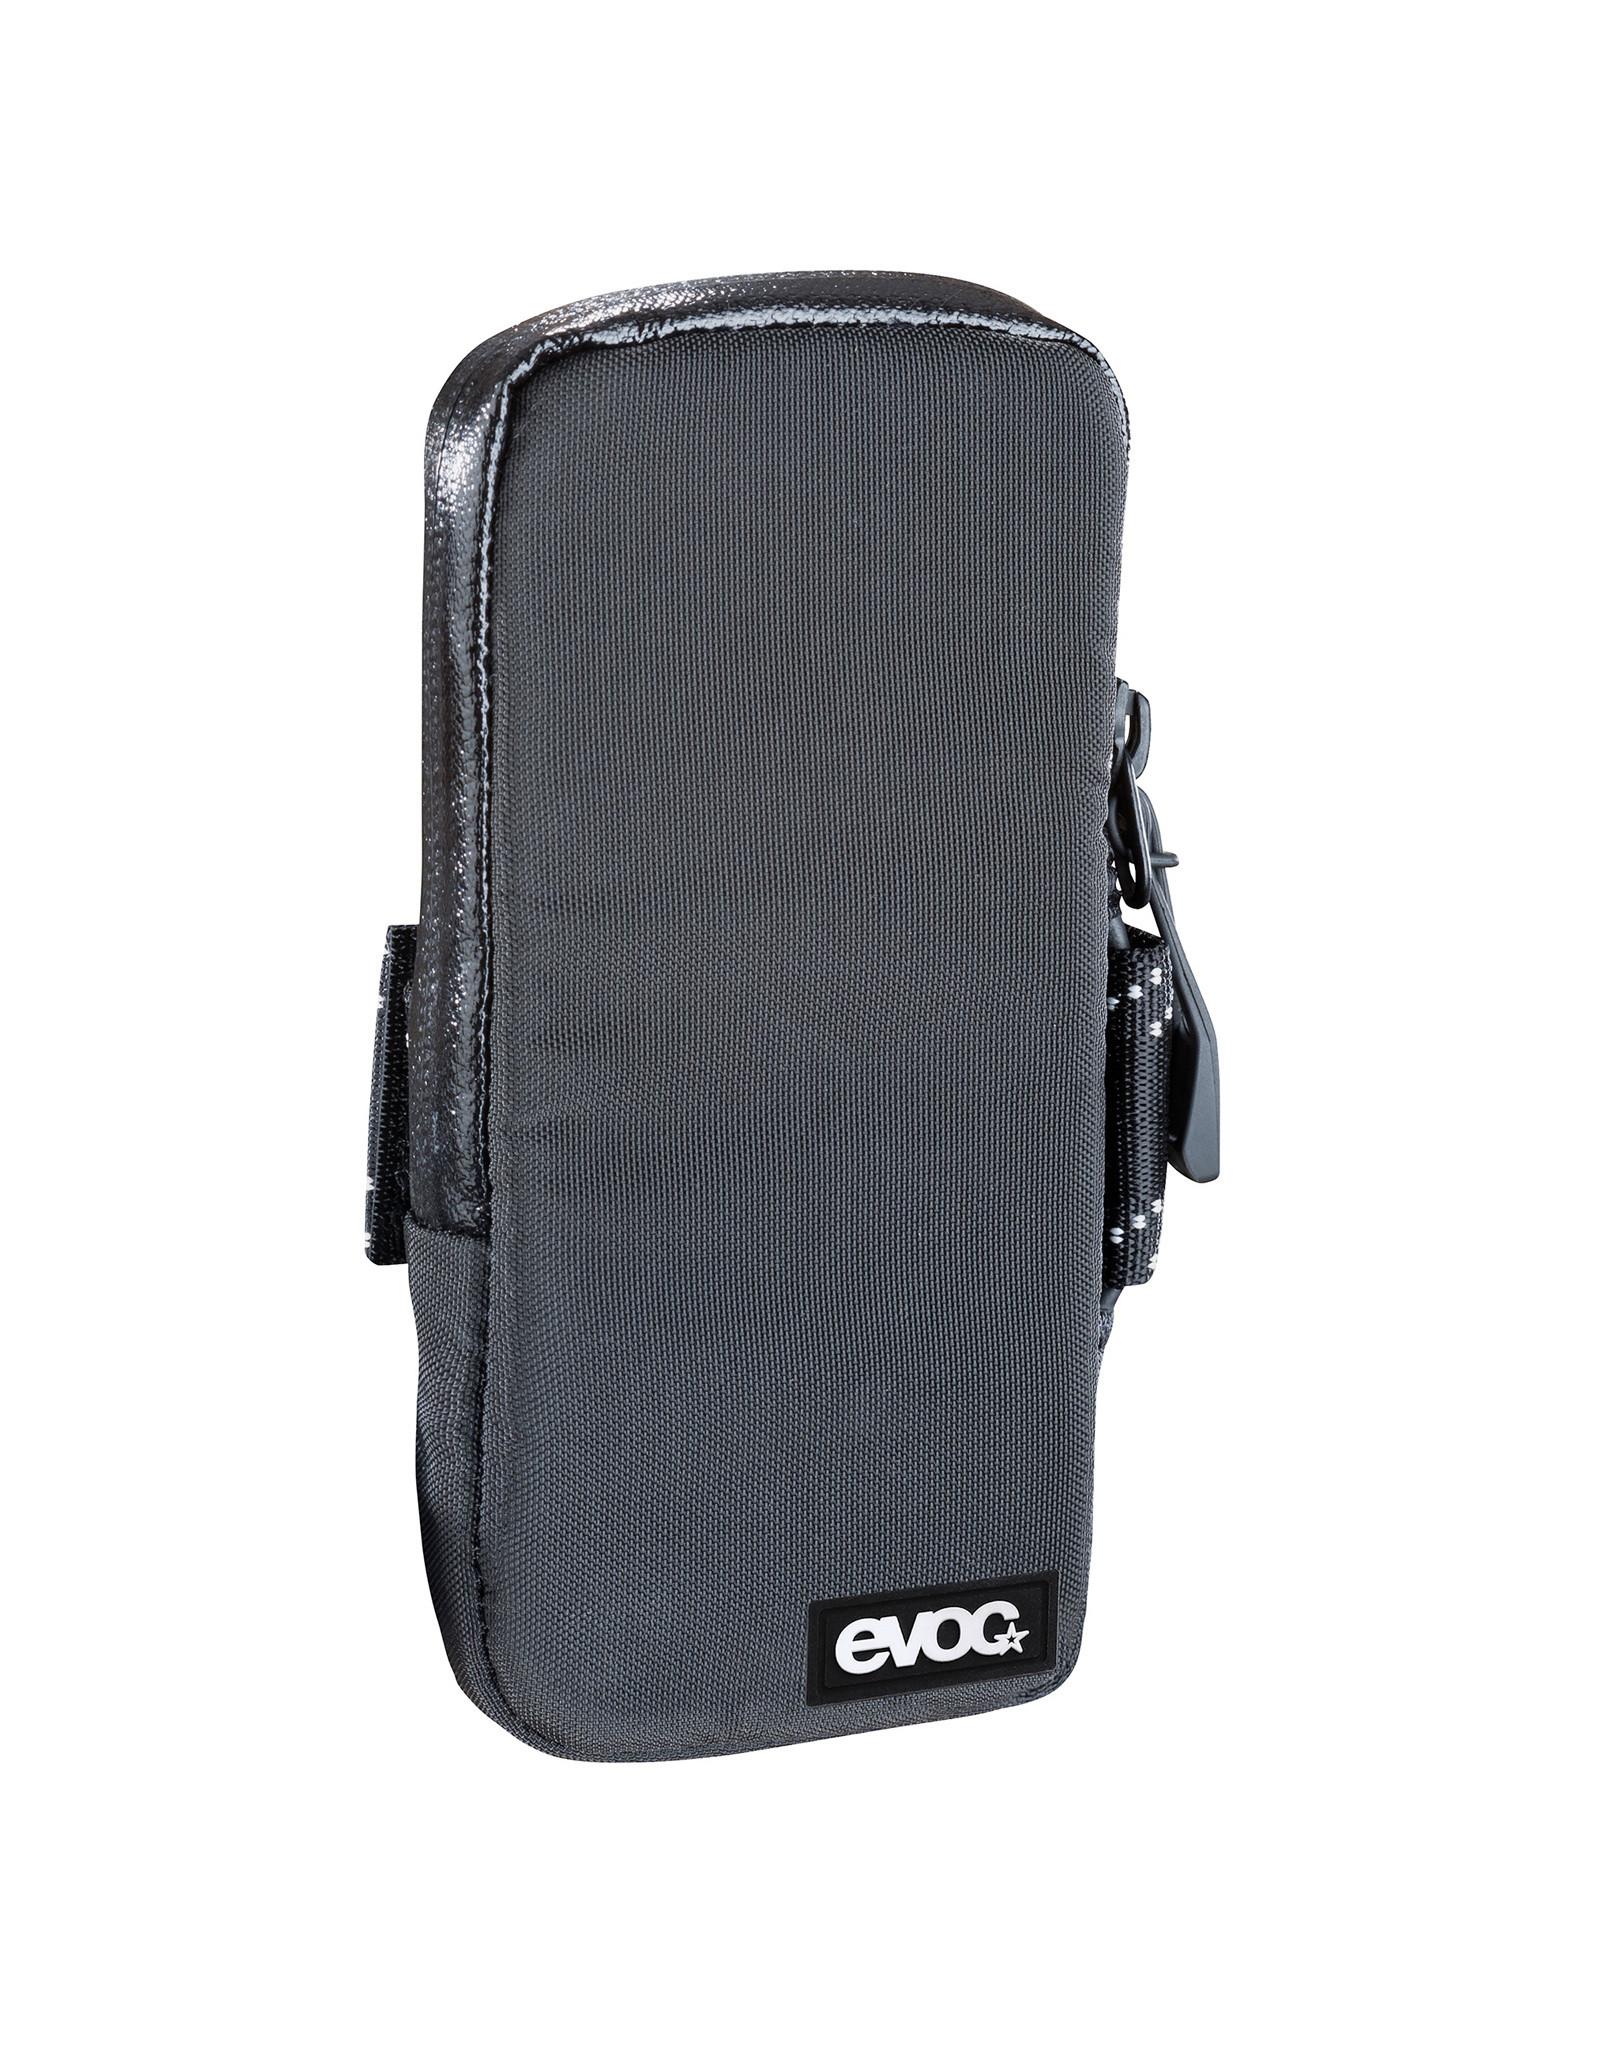 EVOC EVOC, Étui pour cellulaire, Noir